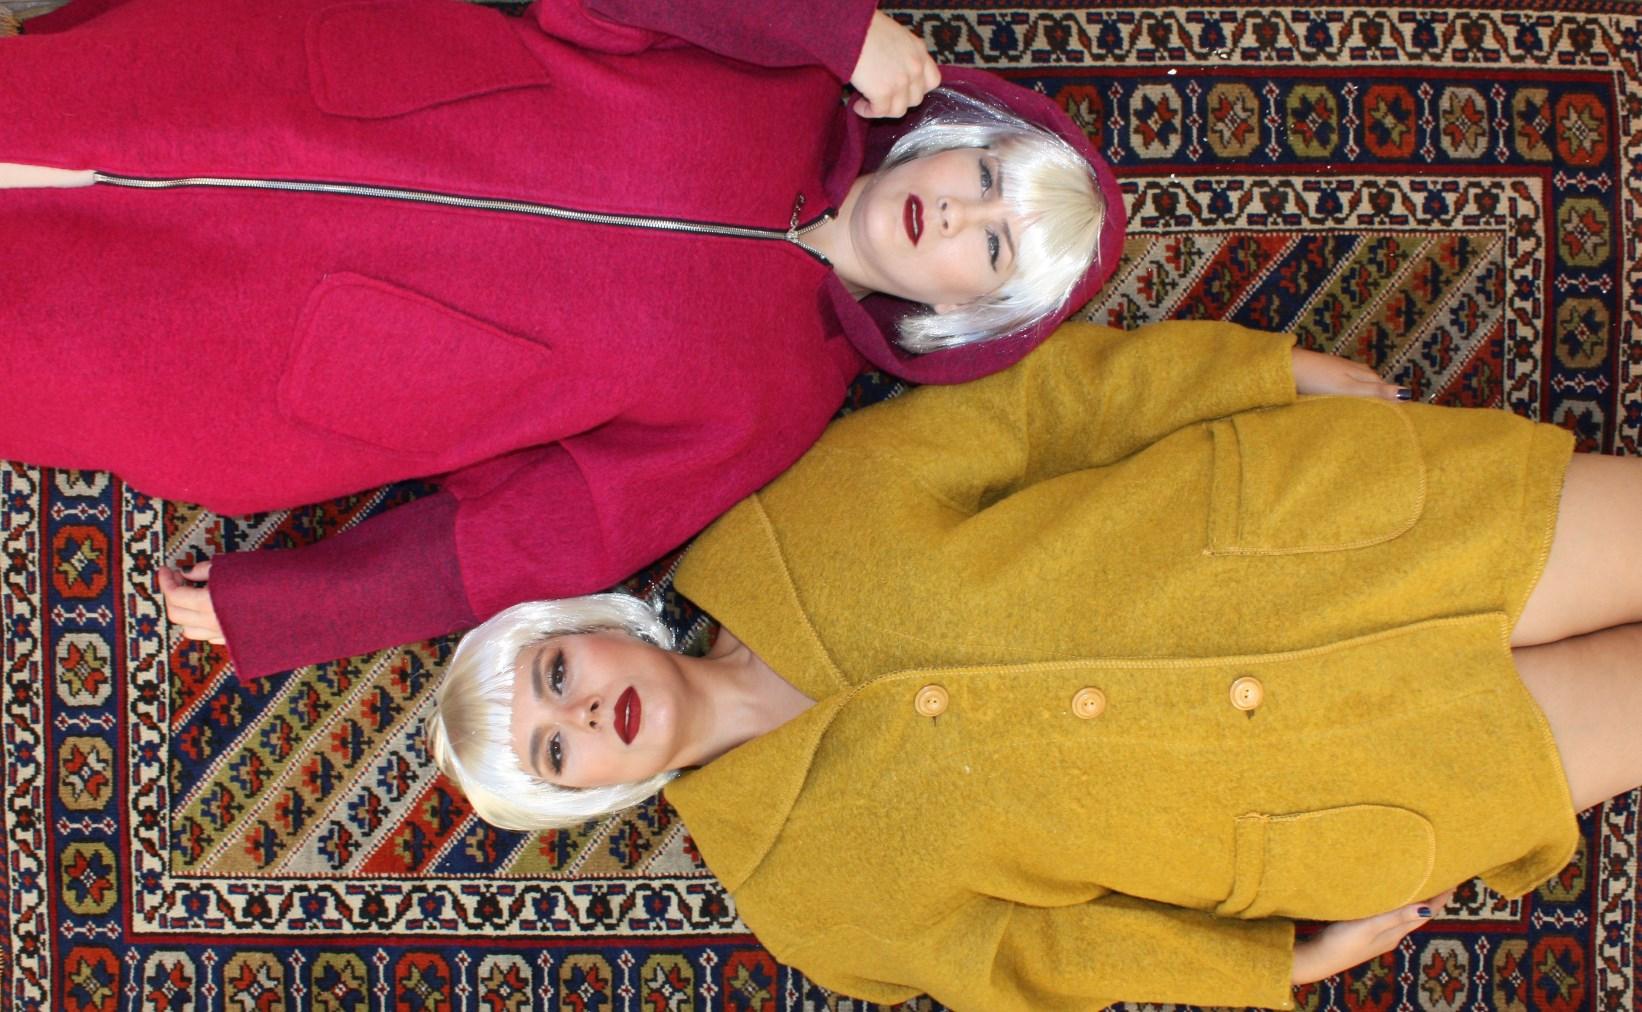 שבוע האופנה למידות גדולות 21-24.11.17 יד חרוצים11 תל אביב מעילים לימור אופנה גדולה צילום יחצ